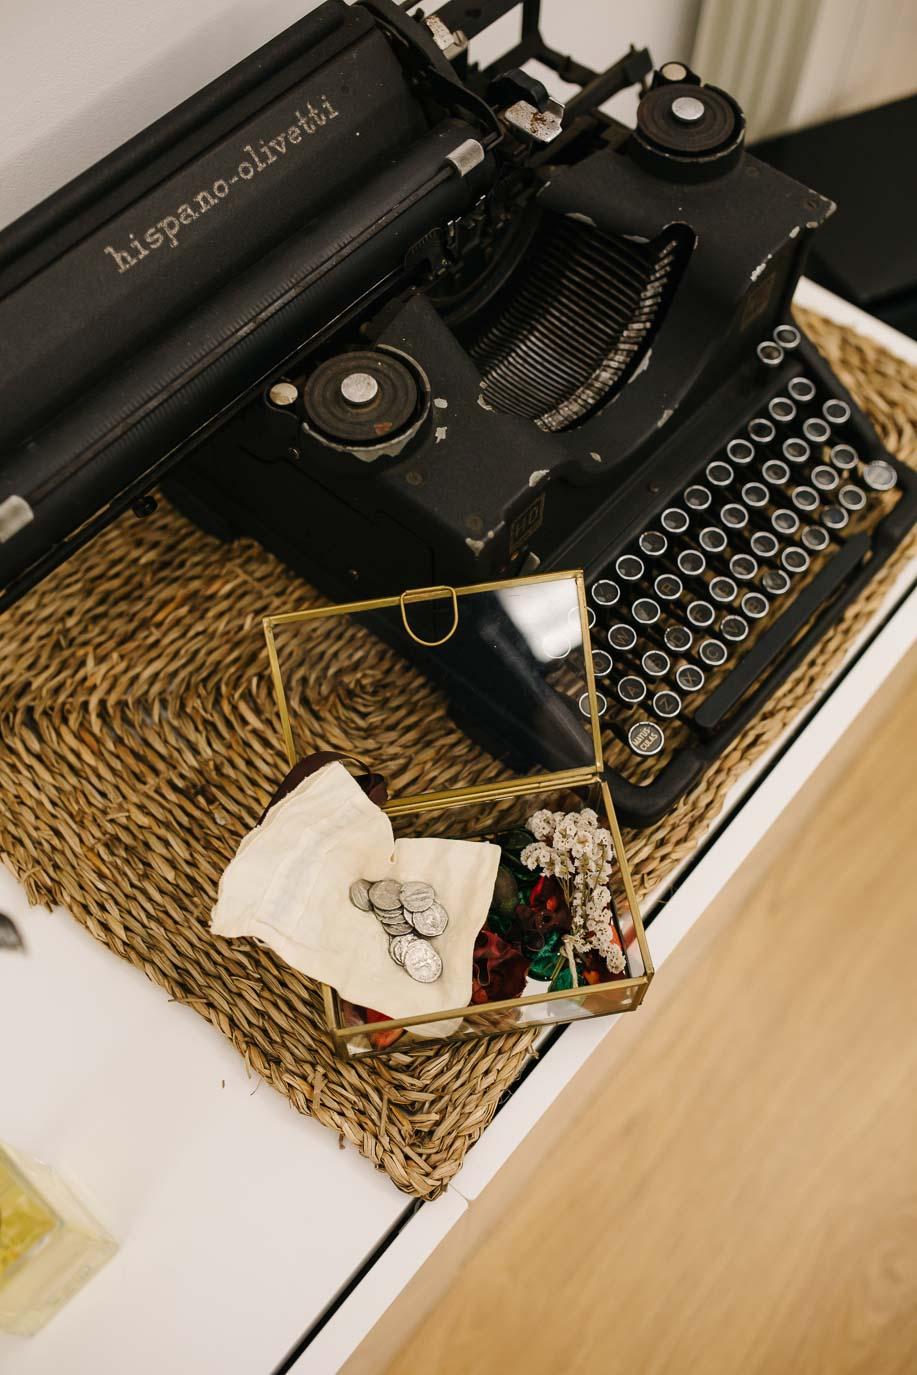 004 Anayjacobo blog.jpg